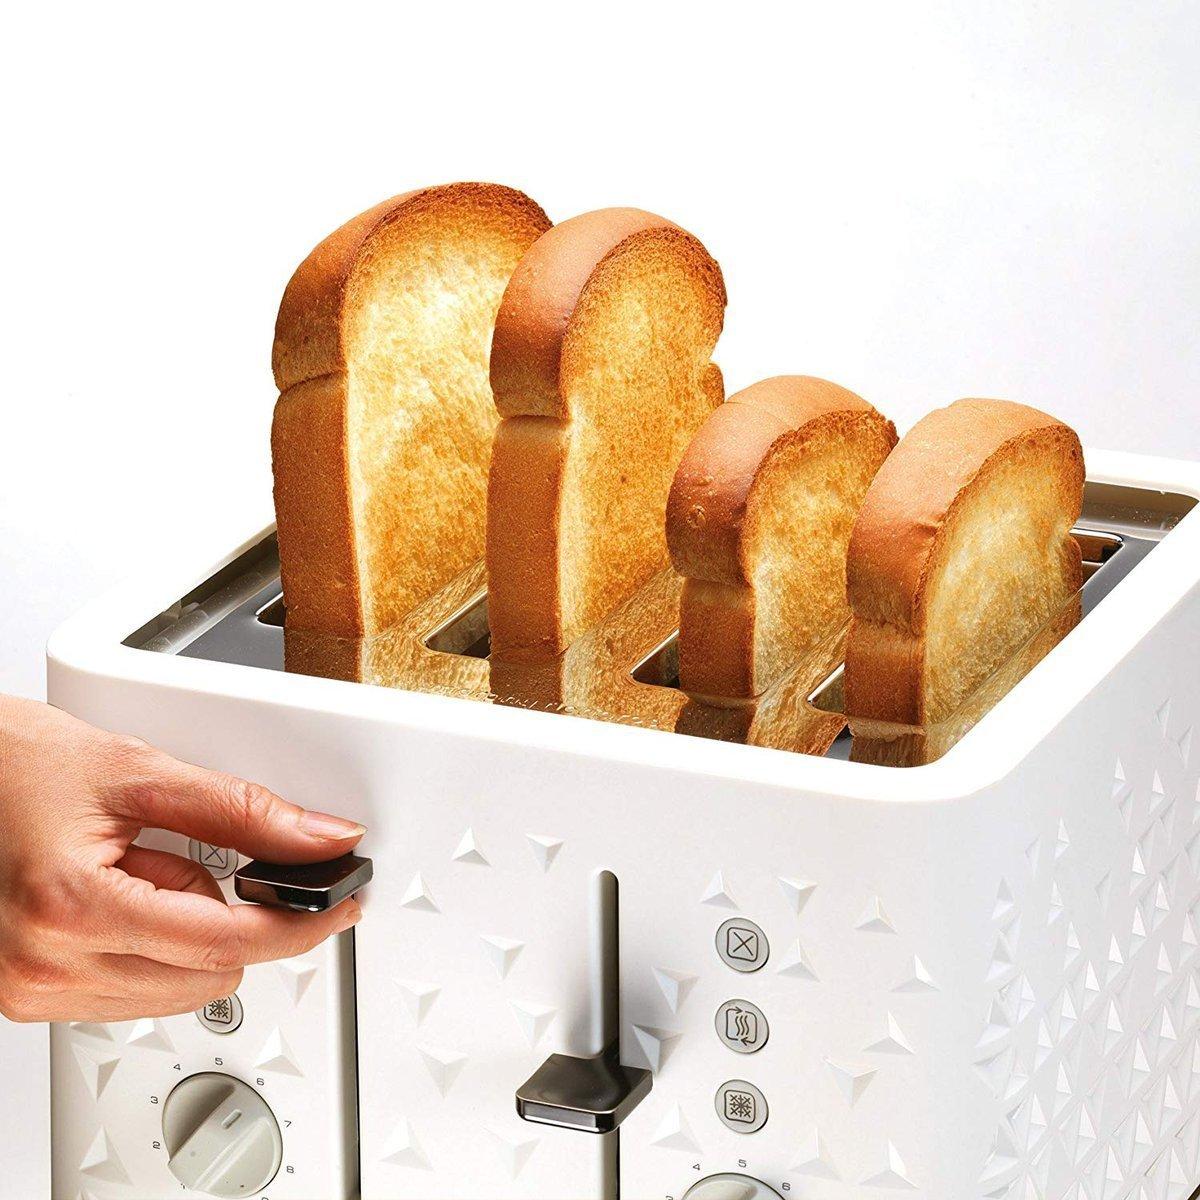 miejsce na 4 grzanki w tosterze